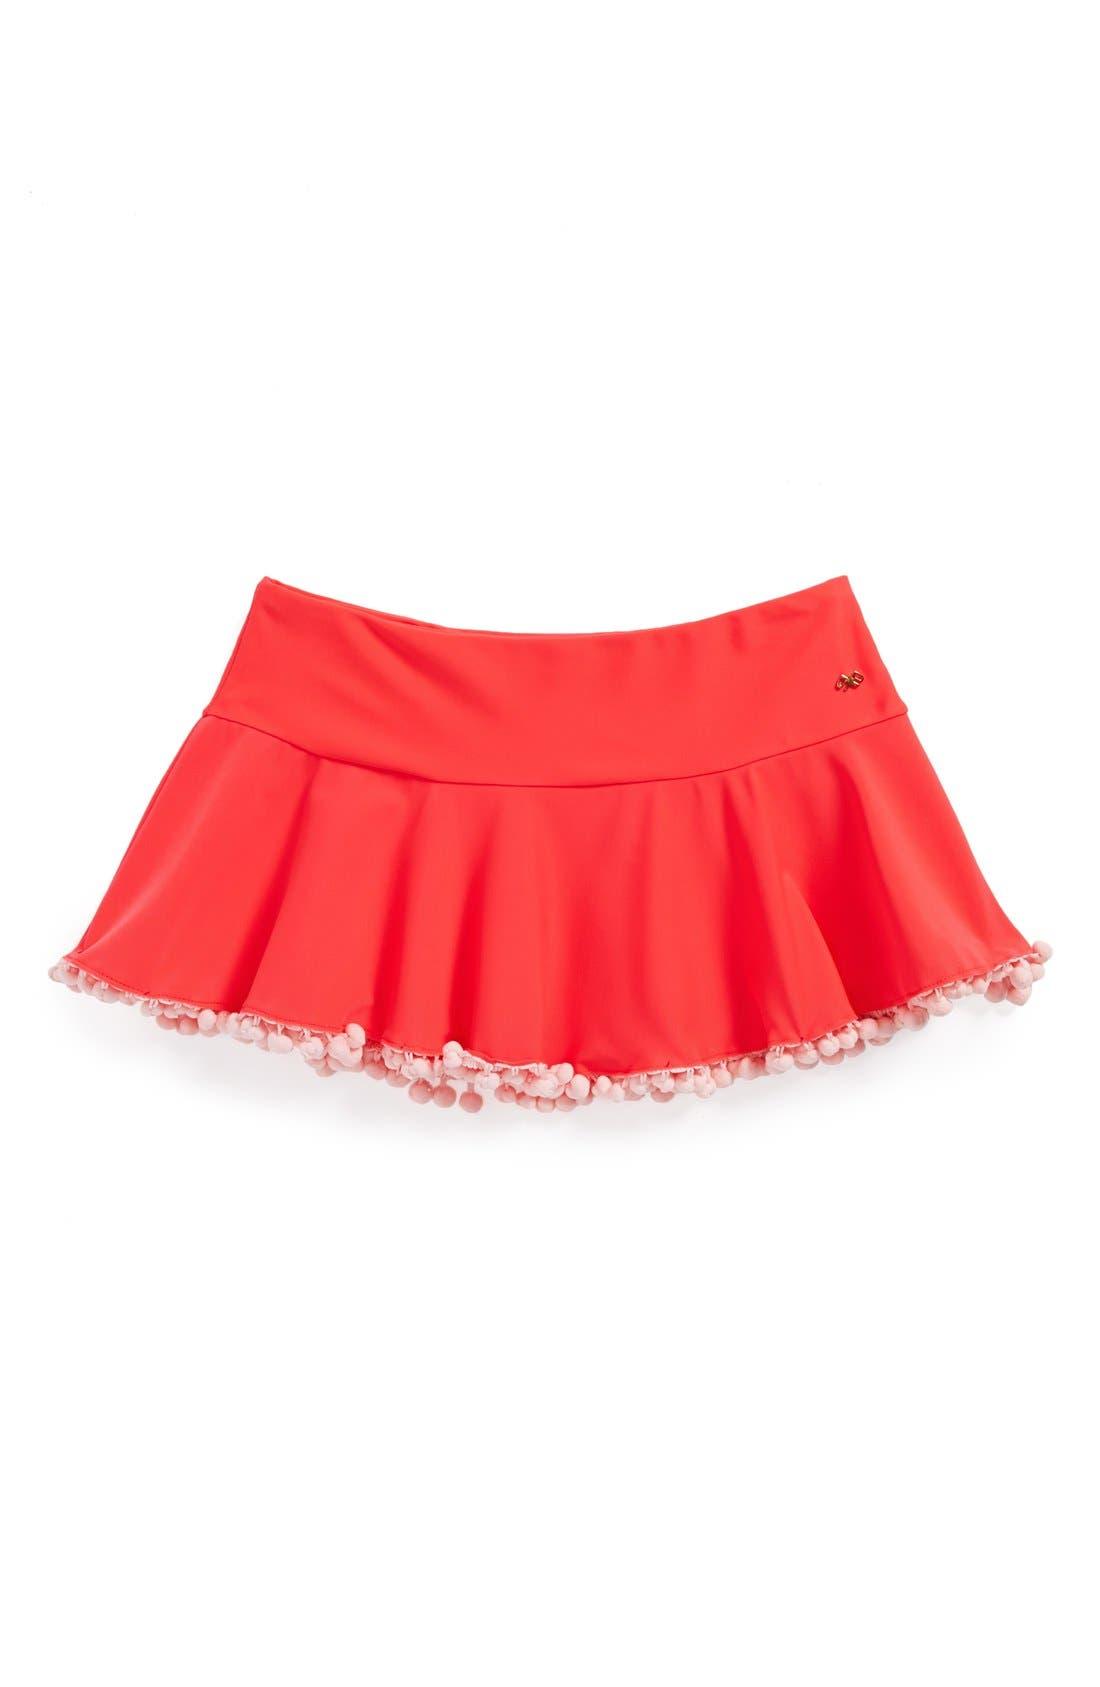 Alternate Image 1 Selected - PilyQ Cover-Up Skirt (Little Girls & Big Girls)